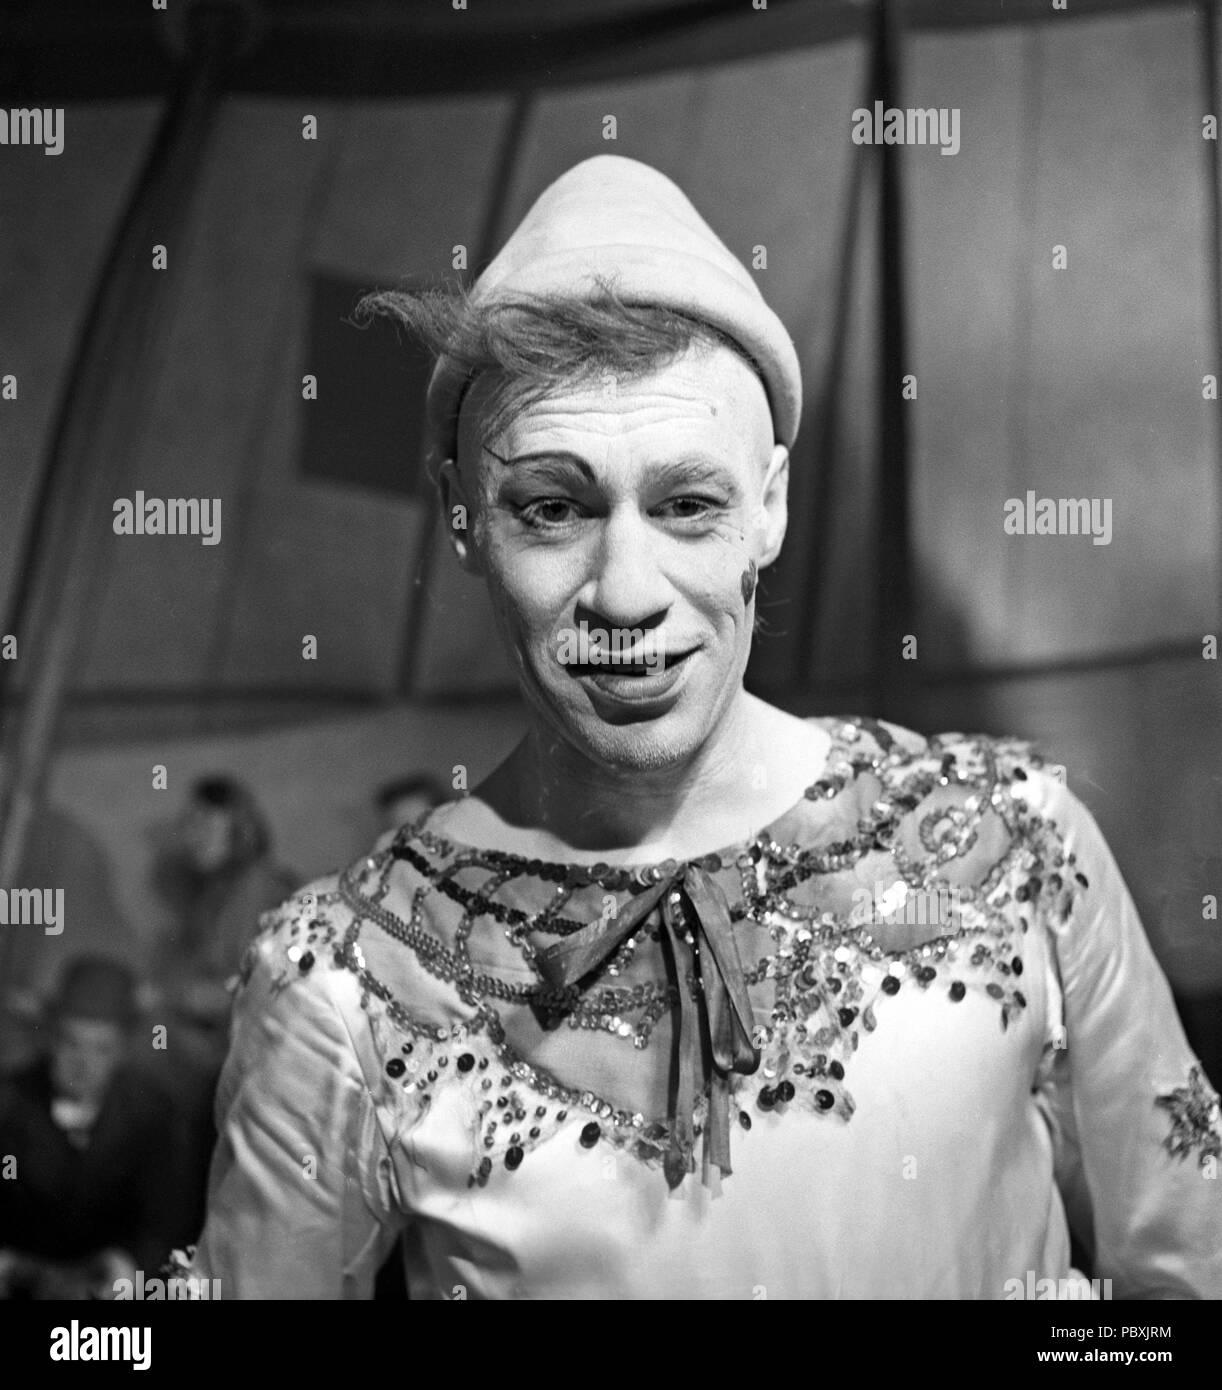 Ingmar Bergman. 1918-2007. Schwedische Filmregisseur. Hier abgebildeten Schauspieler Anders Ek, wie der Clown Teodor Frost 1953 am Filmset des Films Sägemehl und Lametta. Gycklarnas Afton. Foto: Kristoffersson/BL 35-5 Stockbild